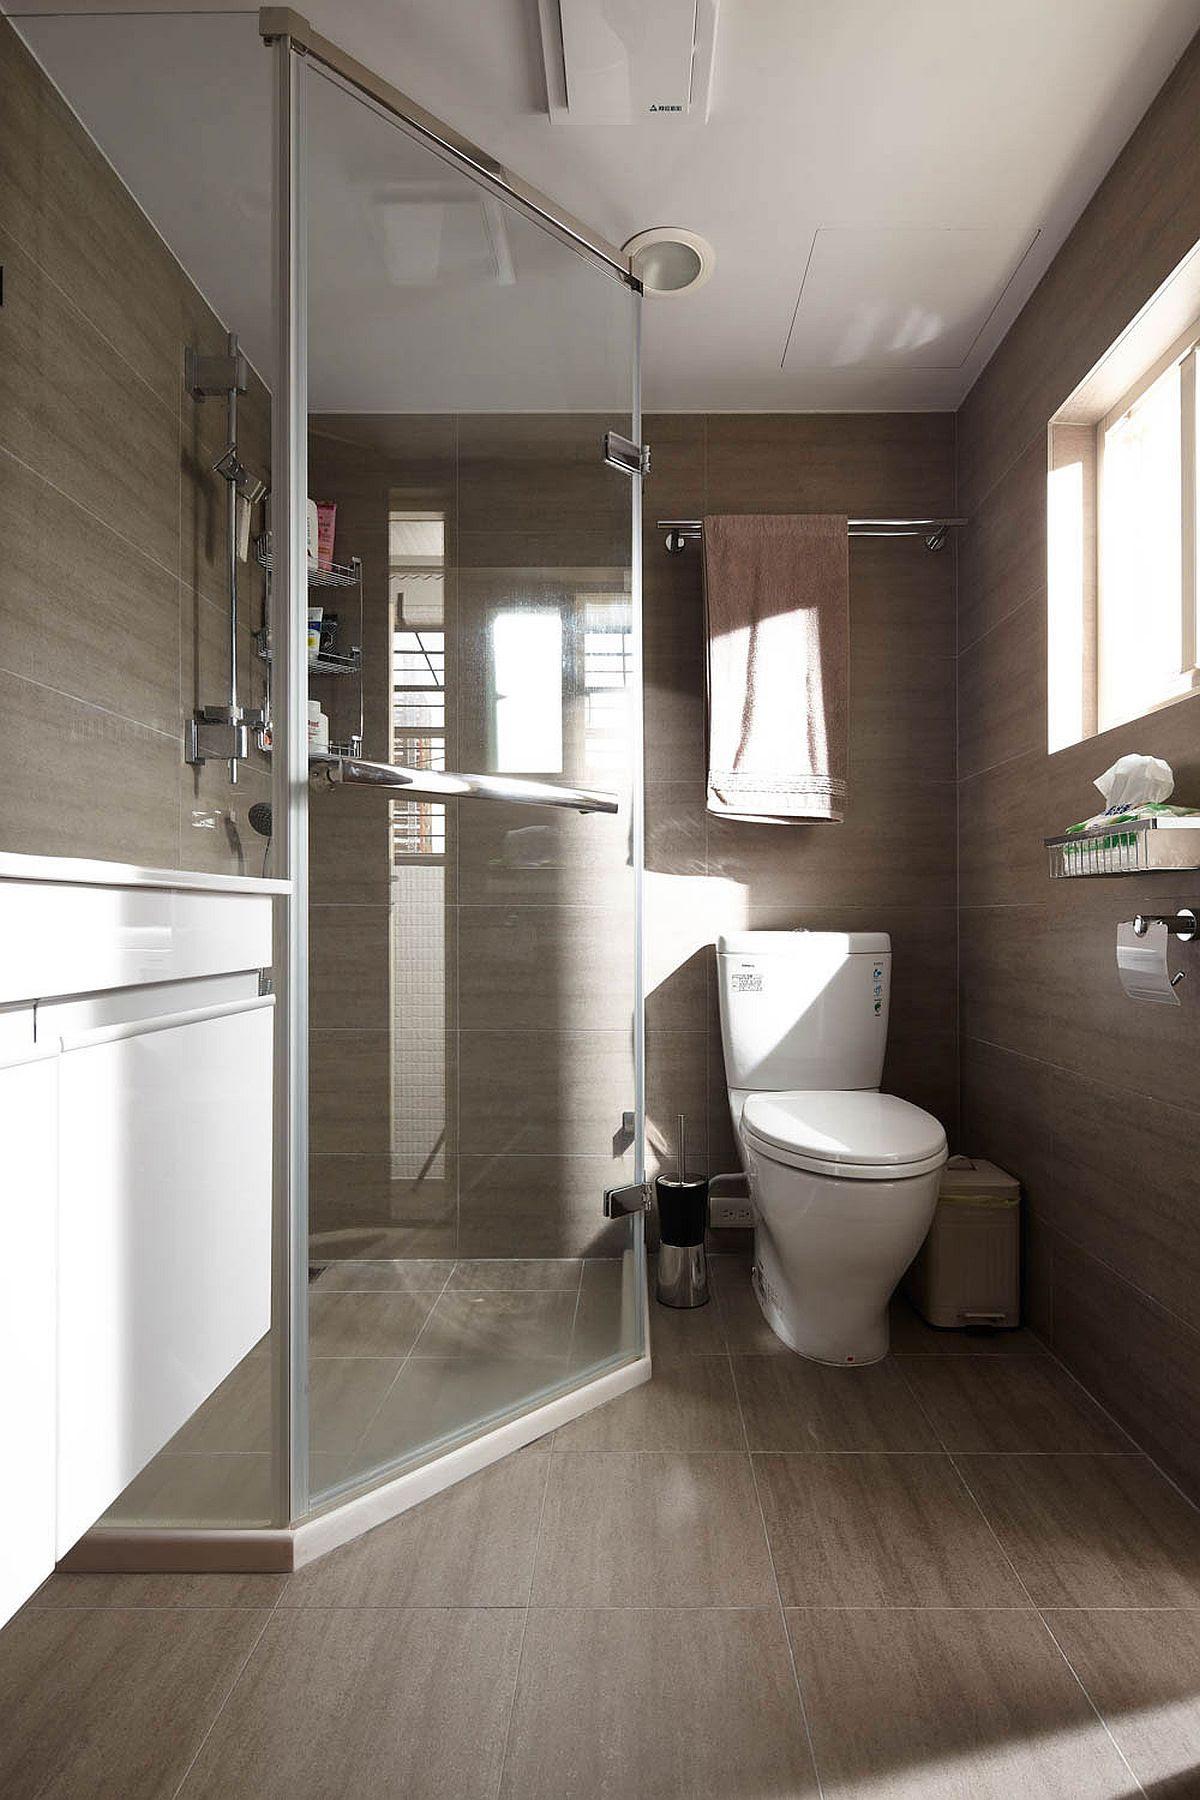 Tiny bathroom with glass door